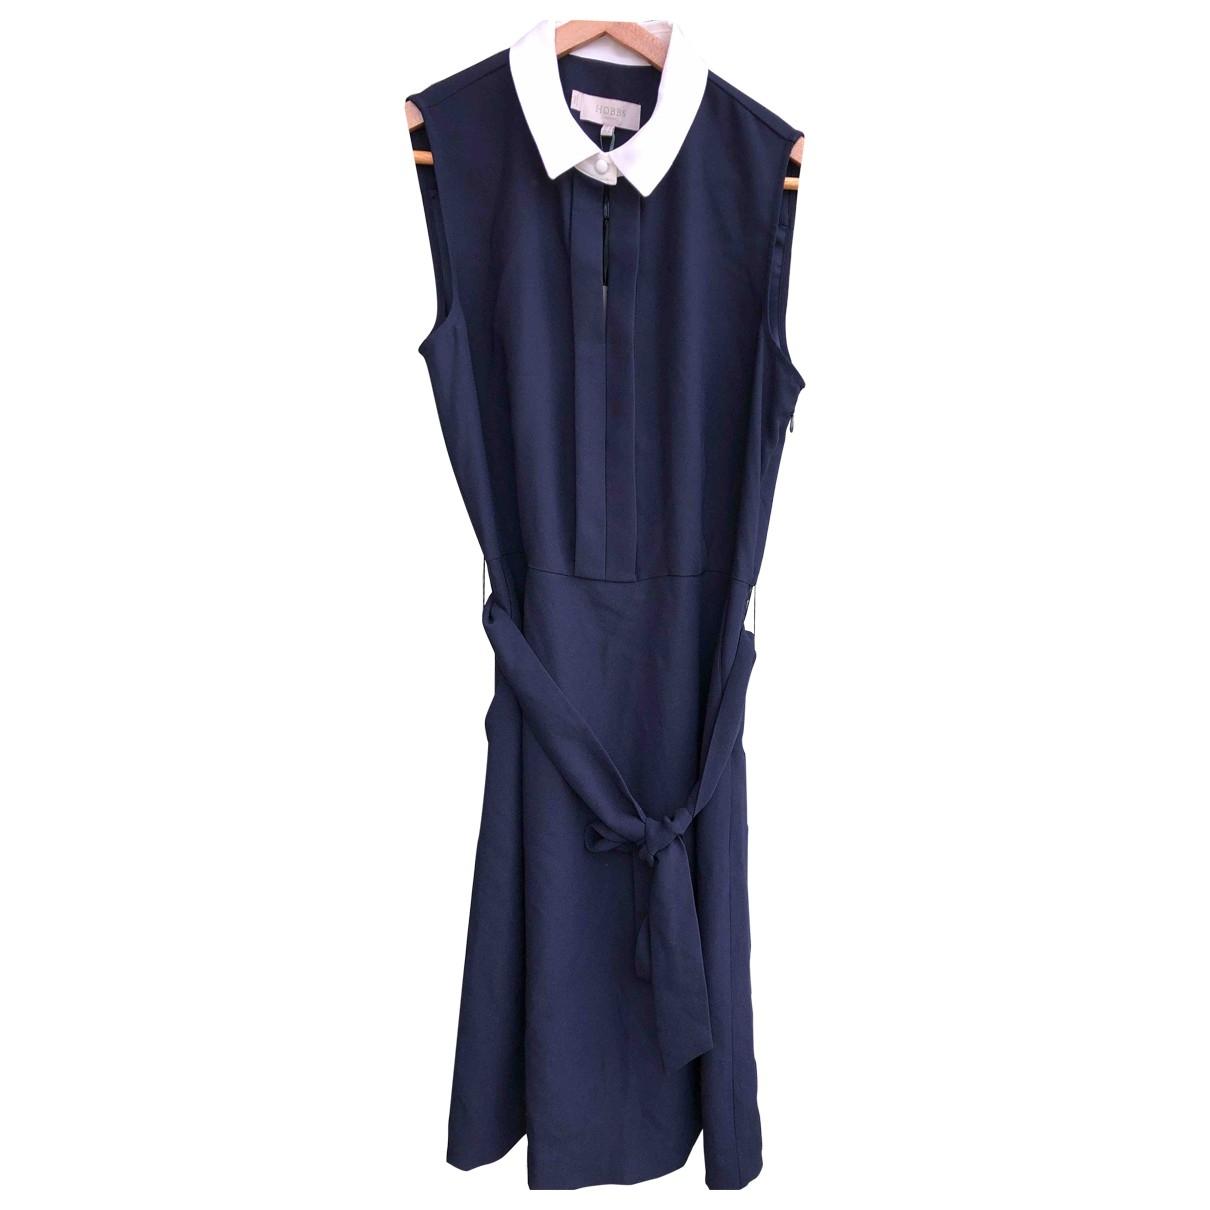 Hobbs \N Kleid in  Blau Synthetik